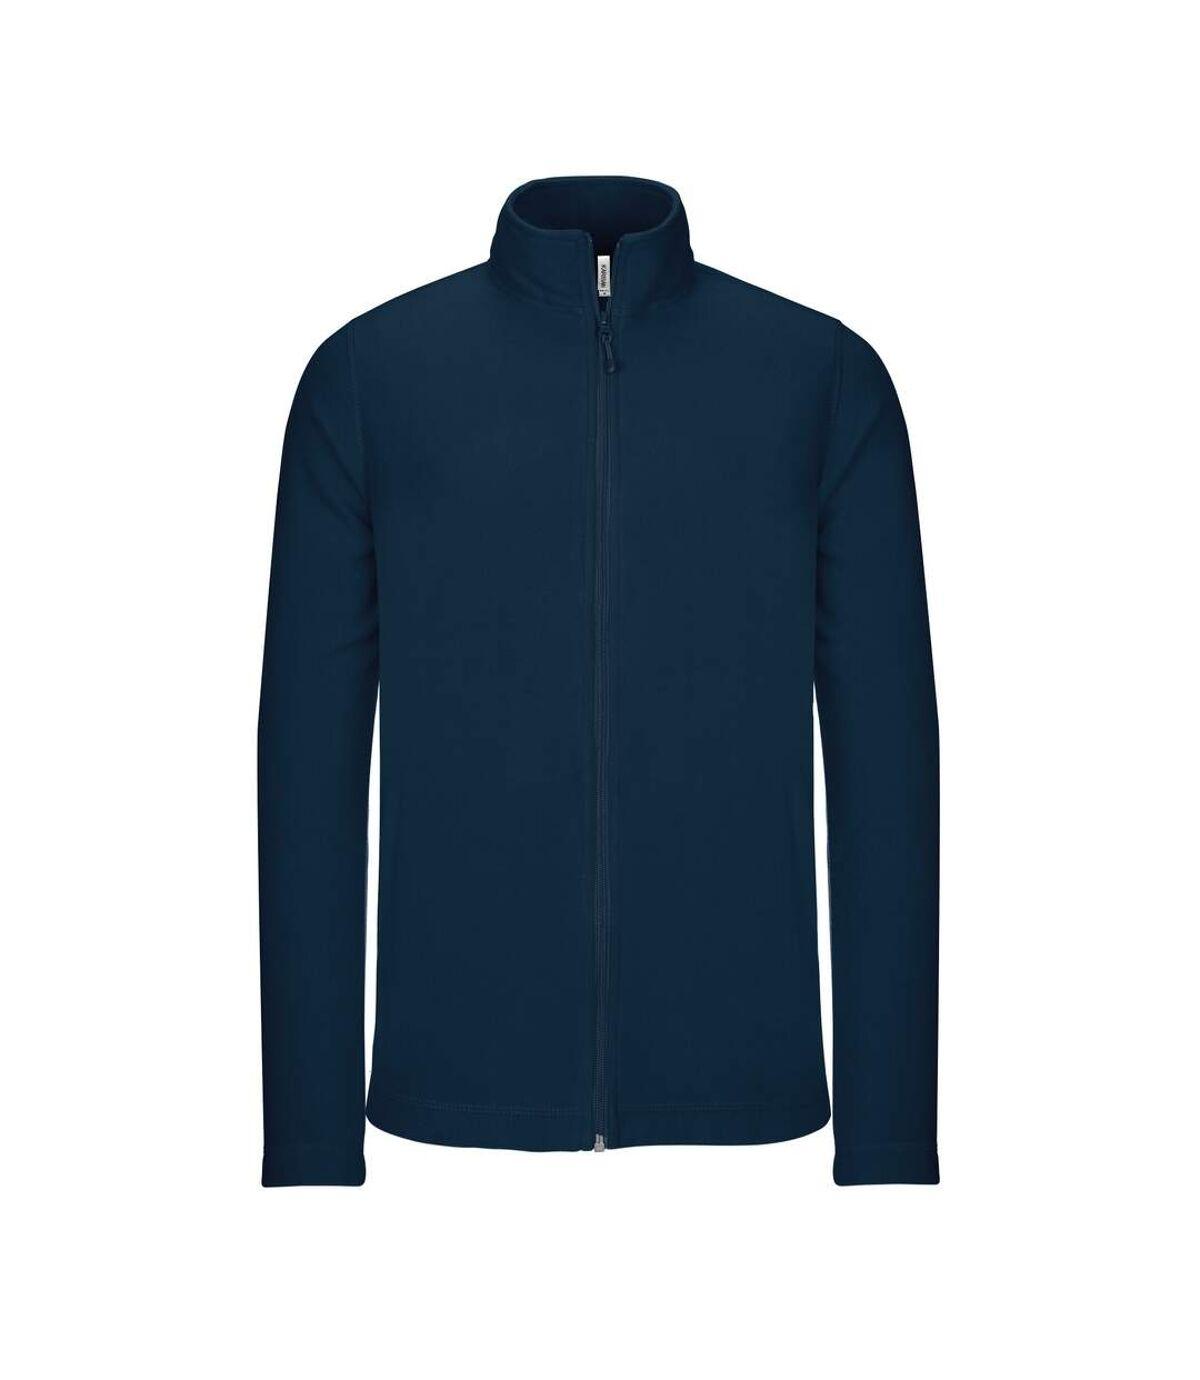 Kariban - Veste polaire zippée - Homme (Bleu marine) - UTRW5625